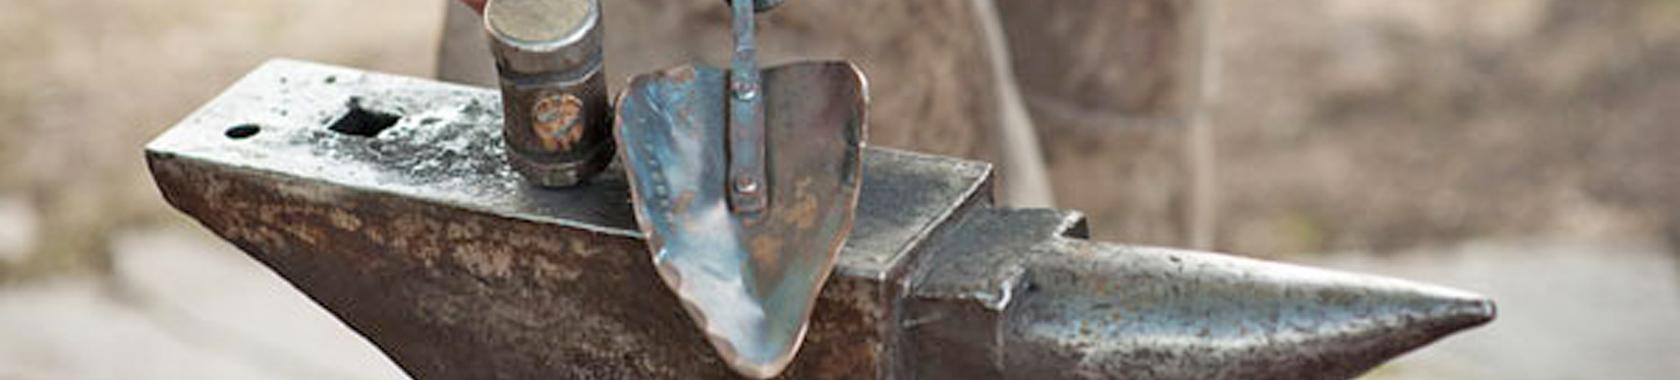 Basic Blacksmithing Level 1 September – October